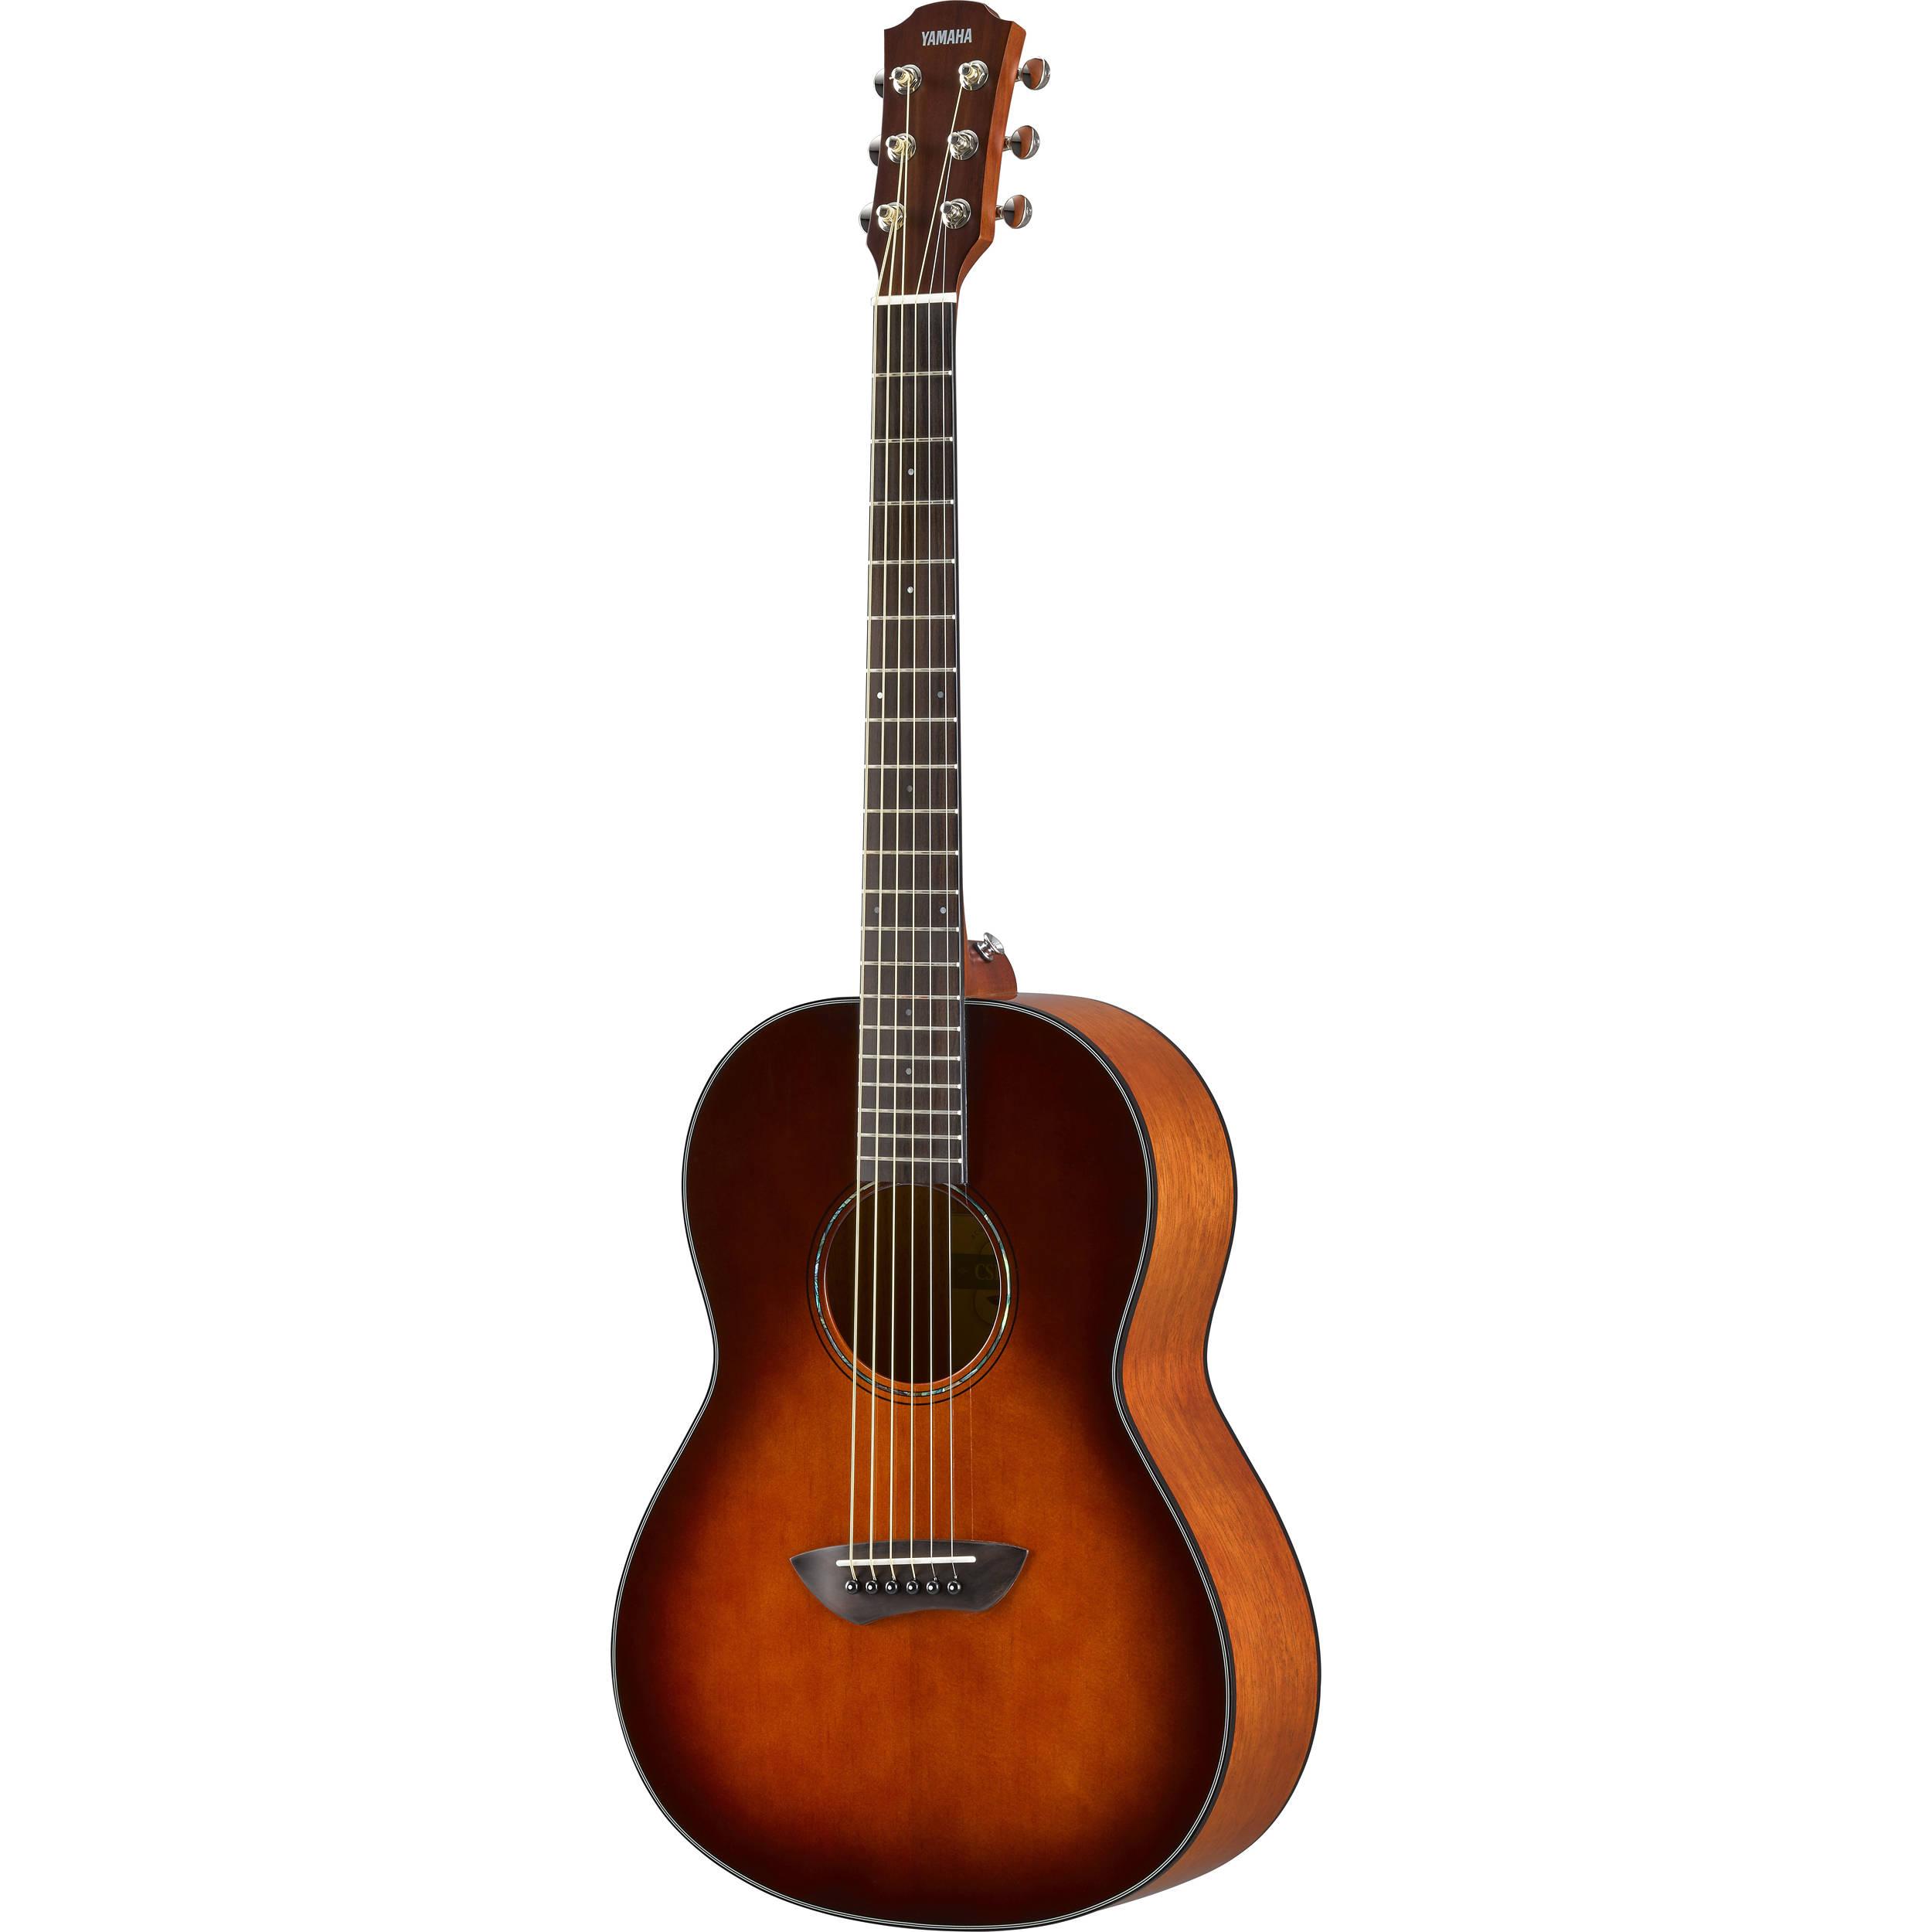 Yamaha CSF1M TBS Compact Parlor Size Folk Guitar